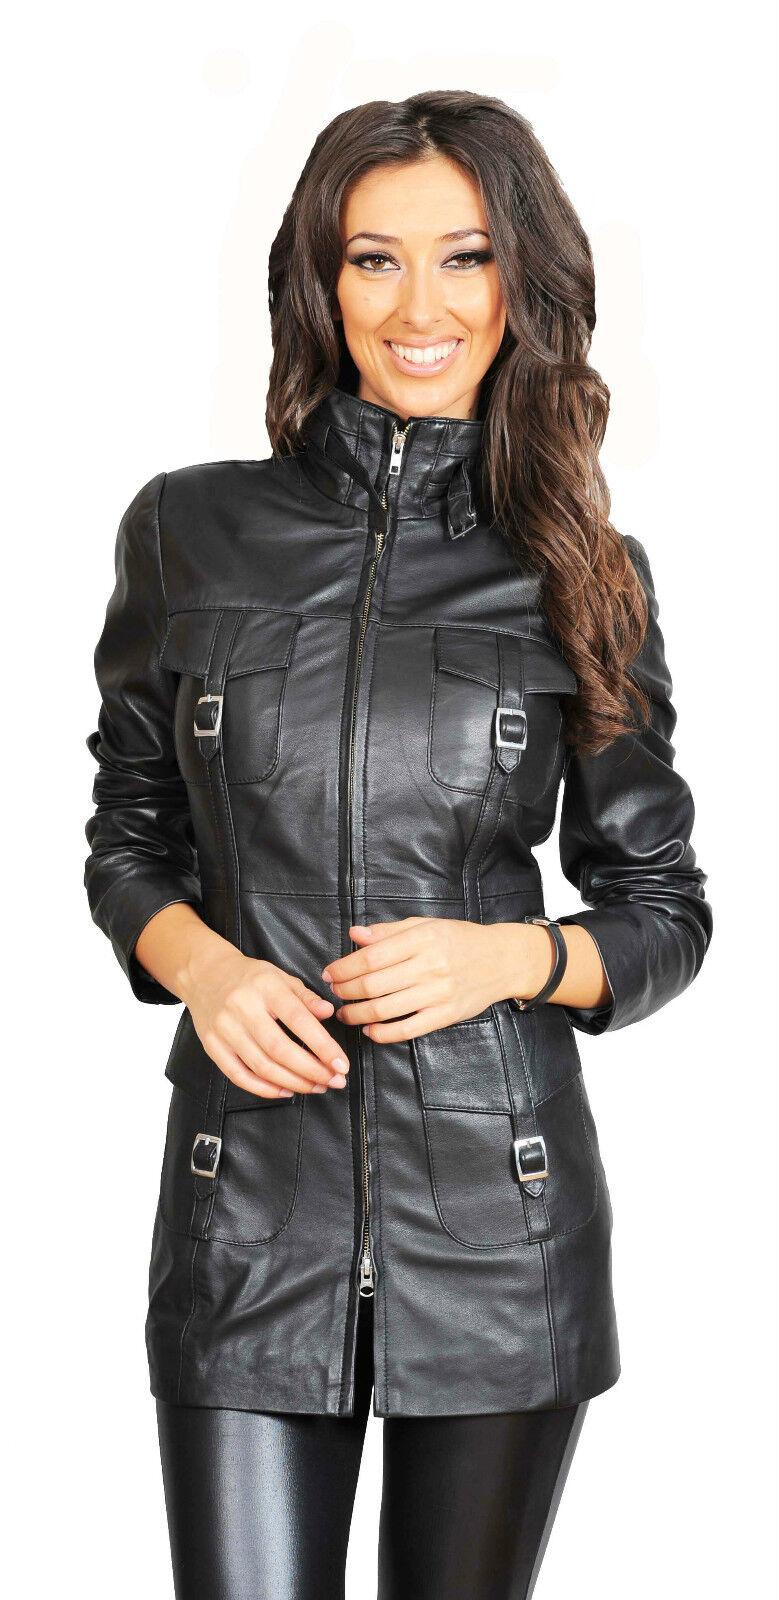 Damas Abrigo De Cuero Negro 3 4  armarios para Mujer de Moda último Cocheol Chaqueta De Cuero  tienda de venta en línea